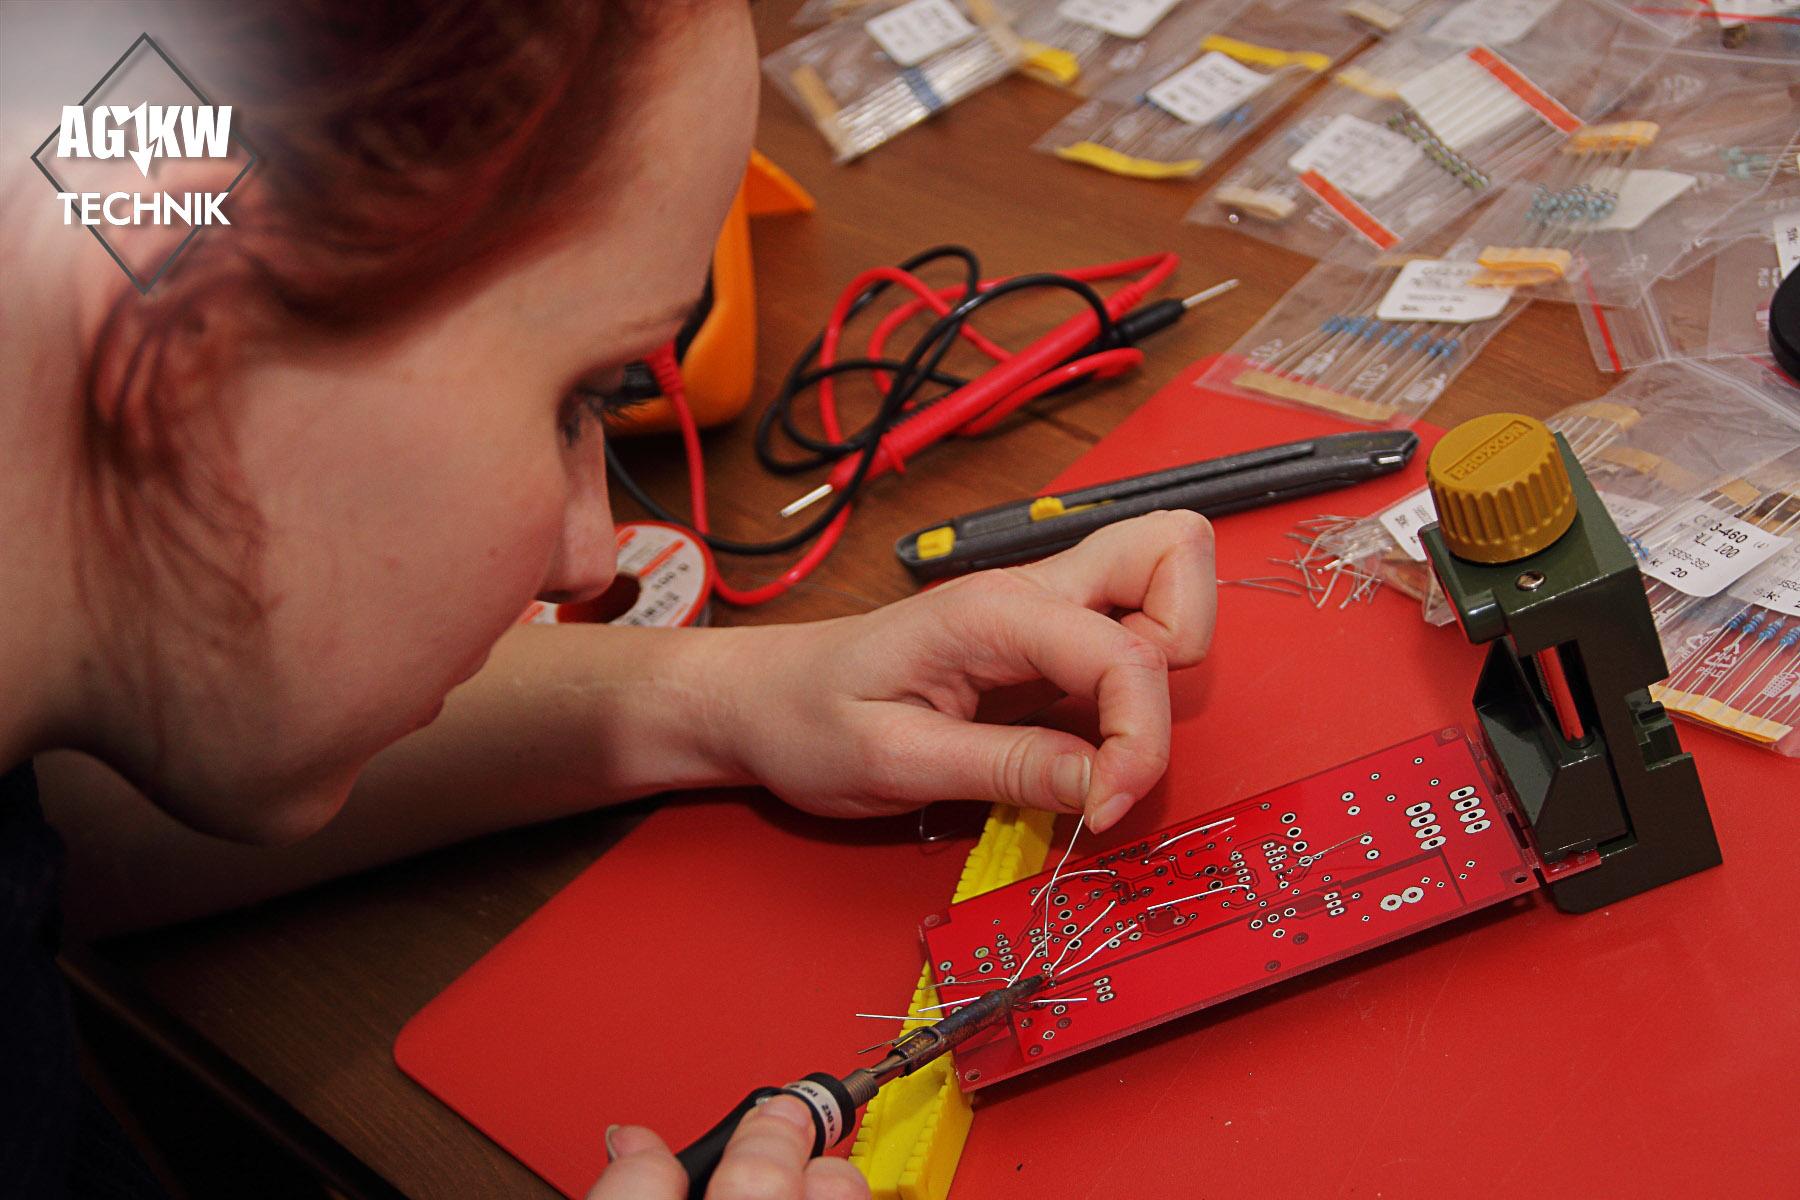 Evy at soldering Resistors